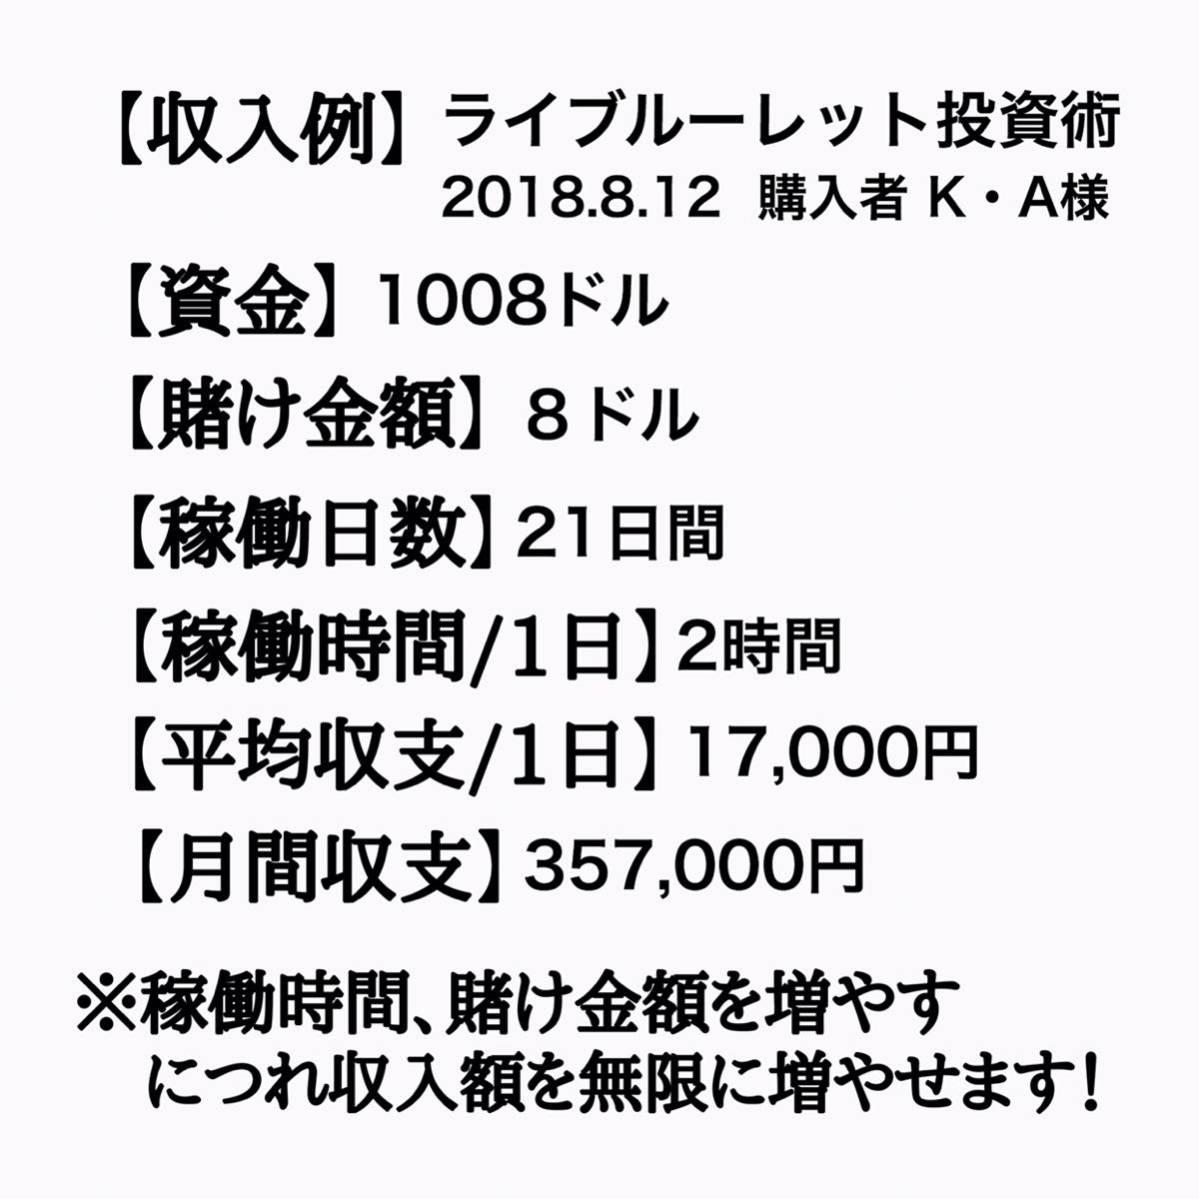 《先着3名様限定》通常価格¥90,000円⇒先着限定価格¥6,980円 完全オリジナル極秘投資術セット 攻略法 仮想通貨 FX 投資 カジノ 副業 0_画像4